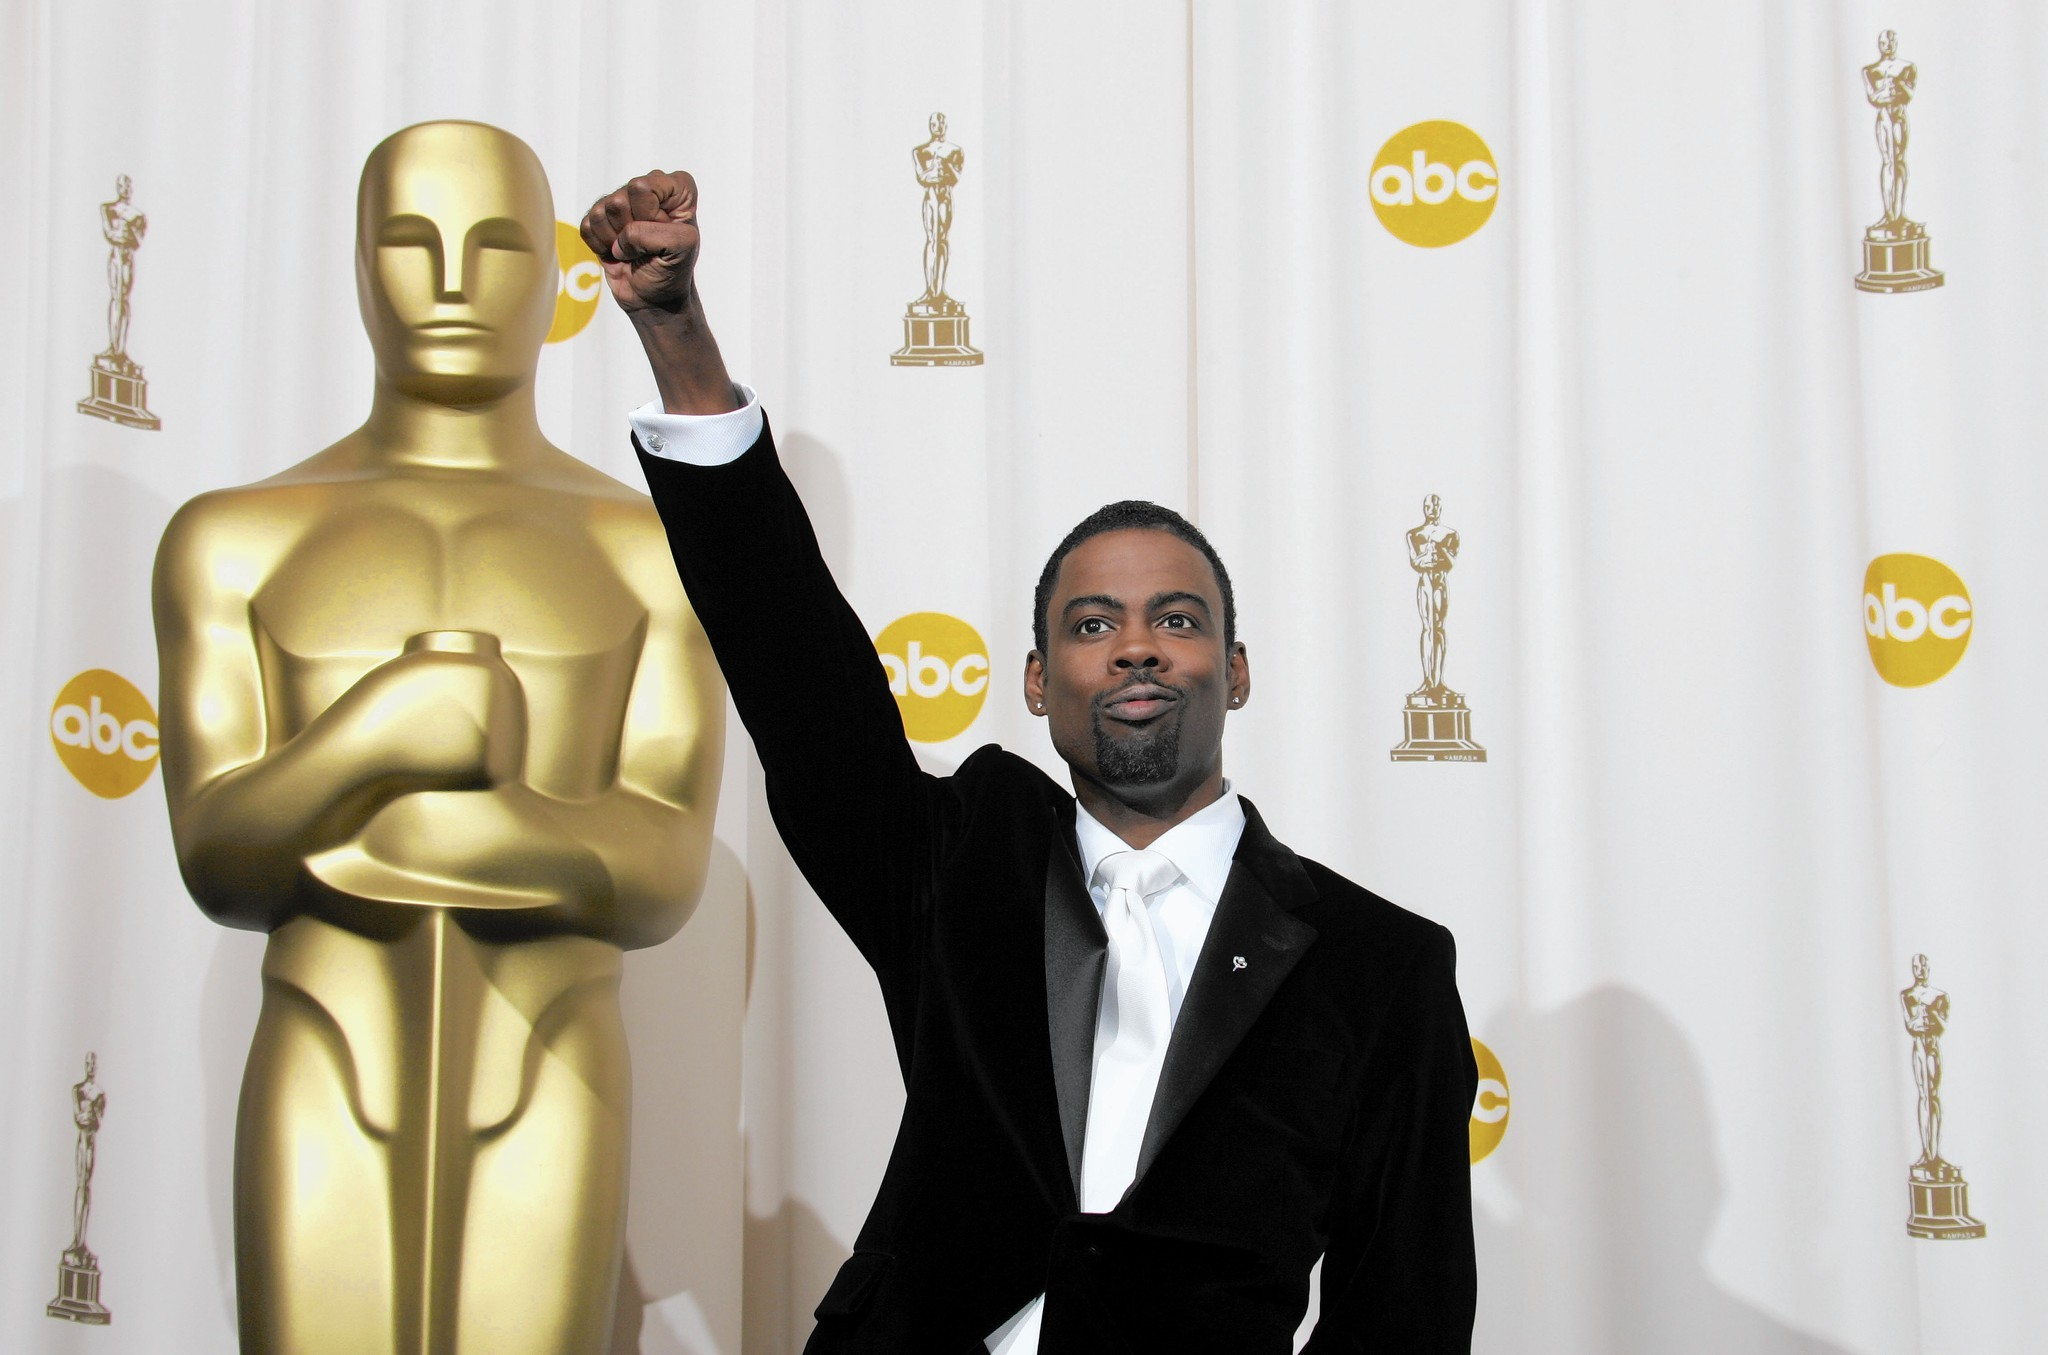 Американскиот актер Крис Рок ќе биде домаќин на 88. доделување на Оскар